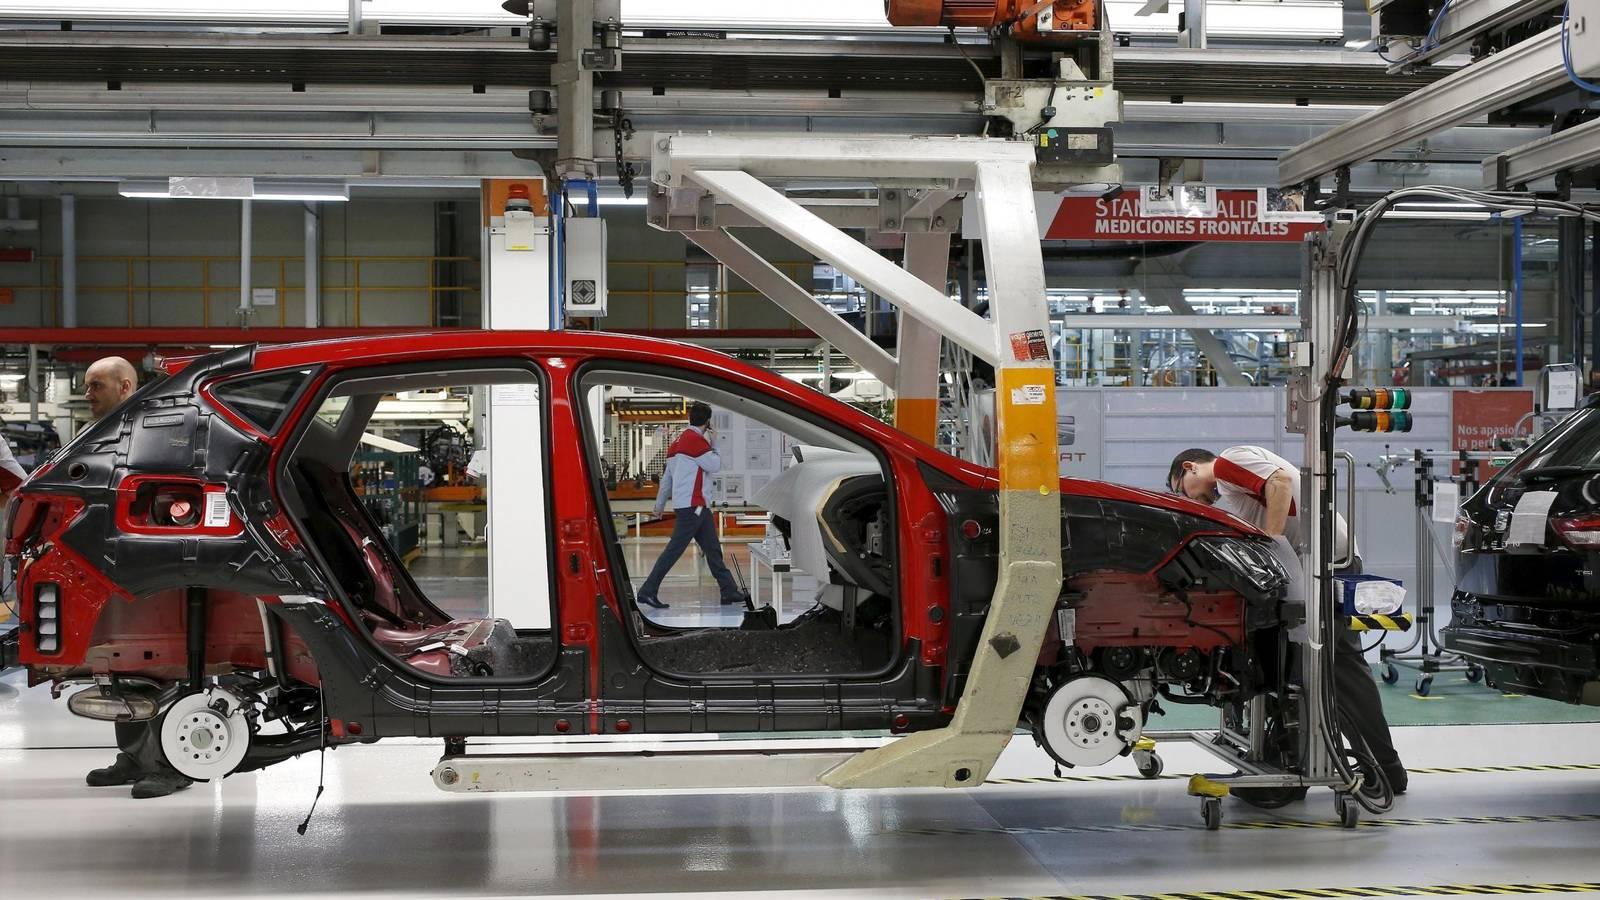 Reindustrialización unida a la creación de empleo de calidad